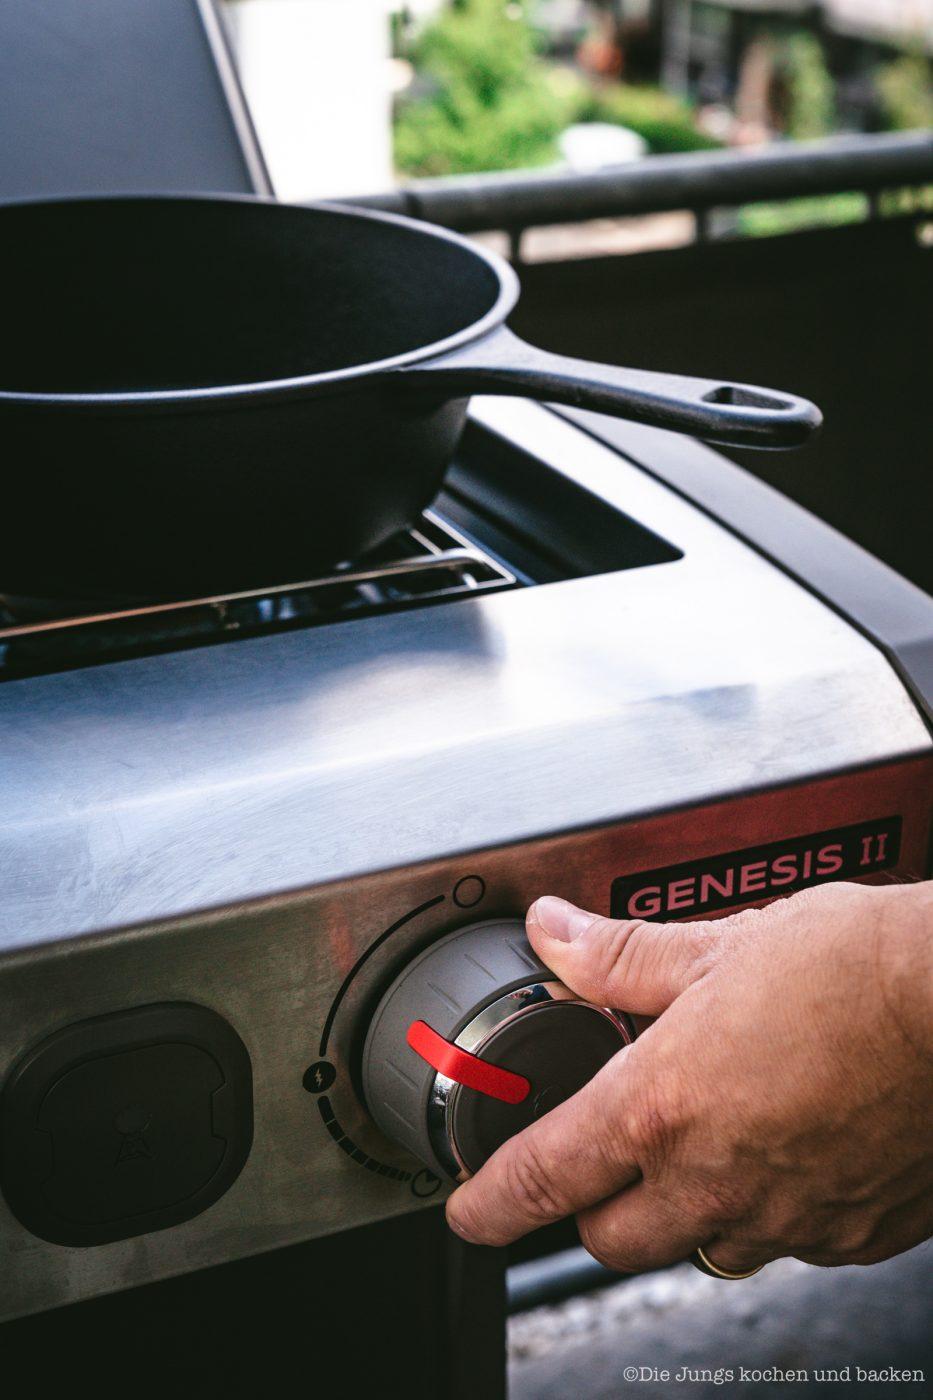 Full English Weber 6 | Grillen ist bei uns ein fester Bestandteil unserer Koch- und Backpassion! Gerade ist unser Grill natürlich im Dauereinsatz - wir sind aber auch mittlerweile passionierte Wintergriller. Das Wetter spielt bei uns, Dank überdachter Dachterrasse, auch gar keine Rolle mehr - und da wir mittlerweile ein wenig mehr Platz auf der Terrasse haben, ist ein neuer Grill bei uns eingezogen. Um den Weber Genesis® II gebührend einzuweihen, haben wir eine deftige Frühstückssause drauf zubereitet - ein Full English Breakfast vom Grill!!